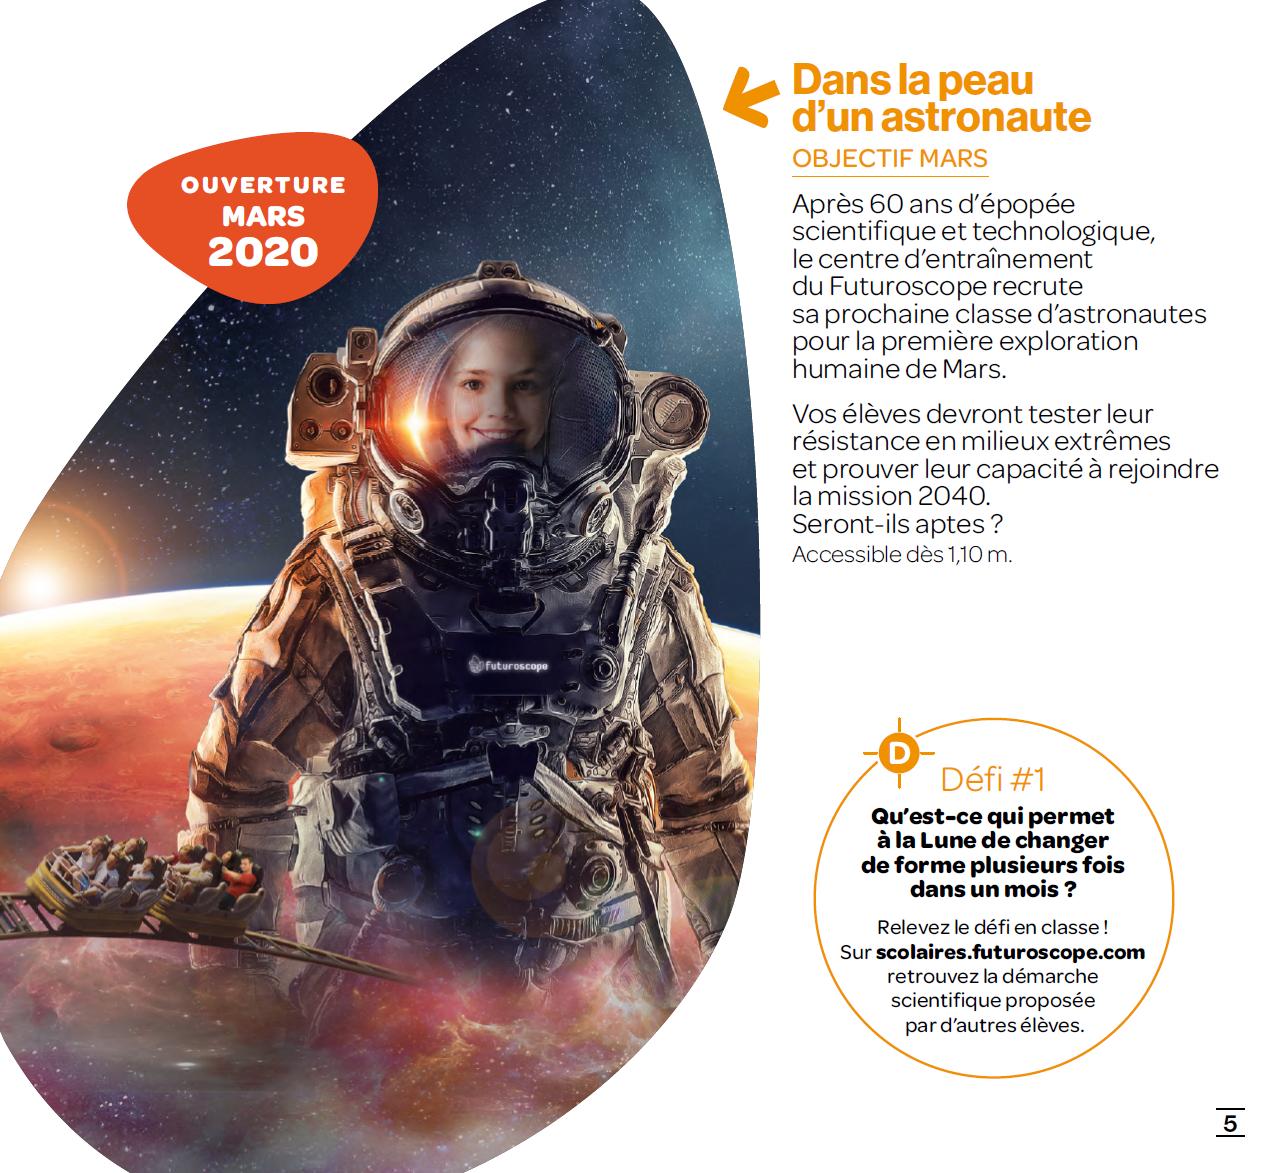 Objectif Mars (Projet Kepler : coaster au Futuroscope) · mars 2020 - Page 18 Objectif-Mars-broch-2020-sco-P5